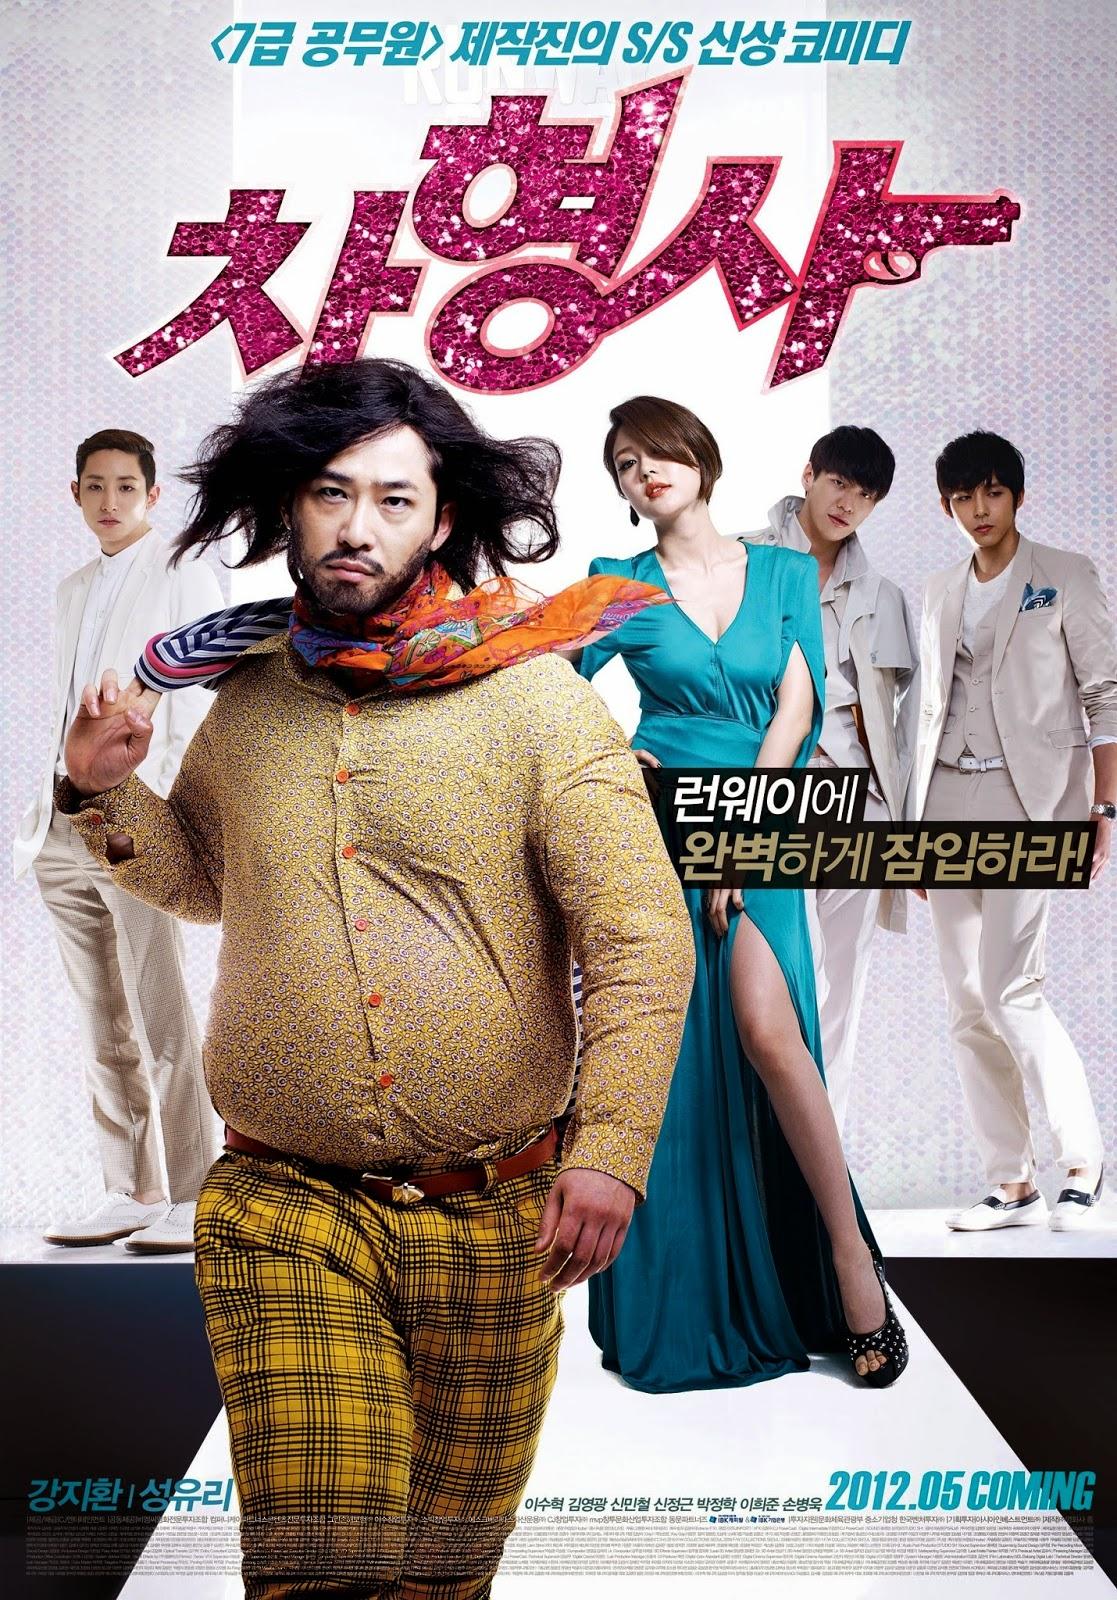 Kore filmlerinden seçmeler devam ediyor